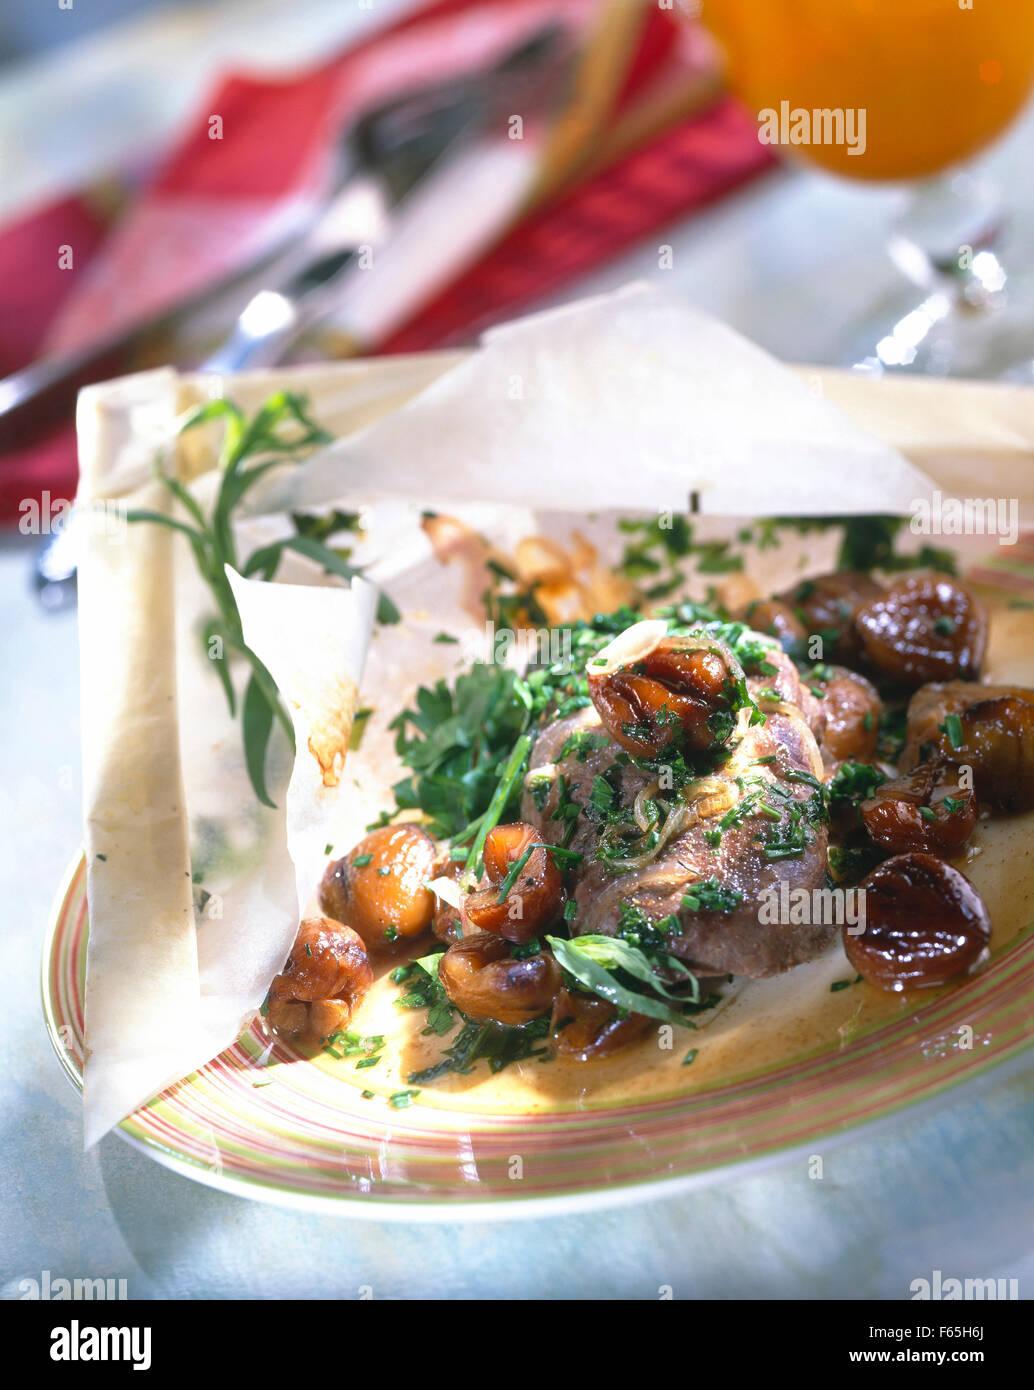 Steak d'autruche aux châtaignes et aux herbes cuit dans du papier ciré Banque D'Images